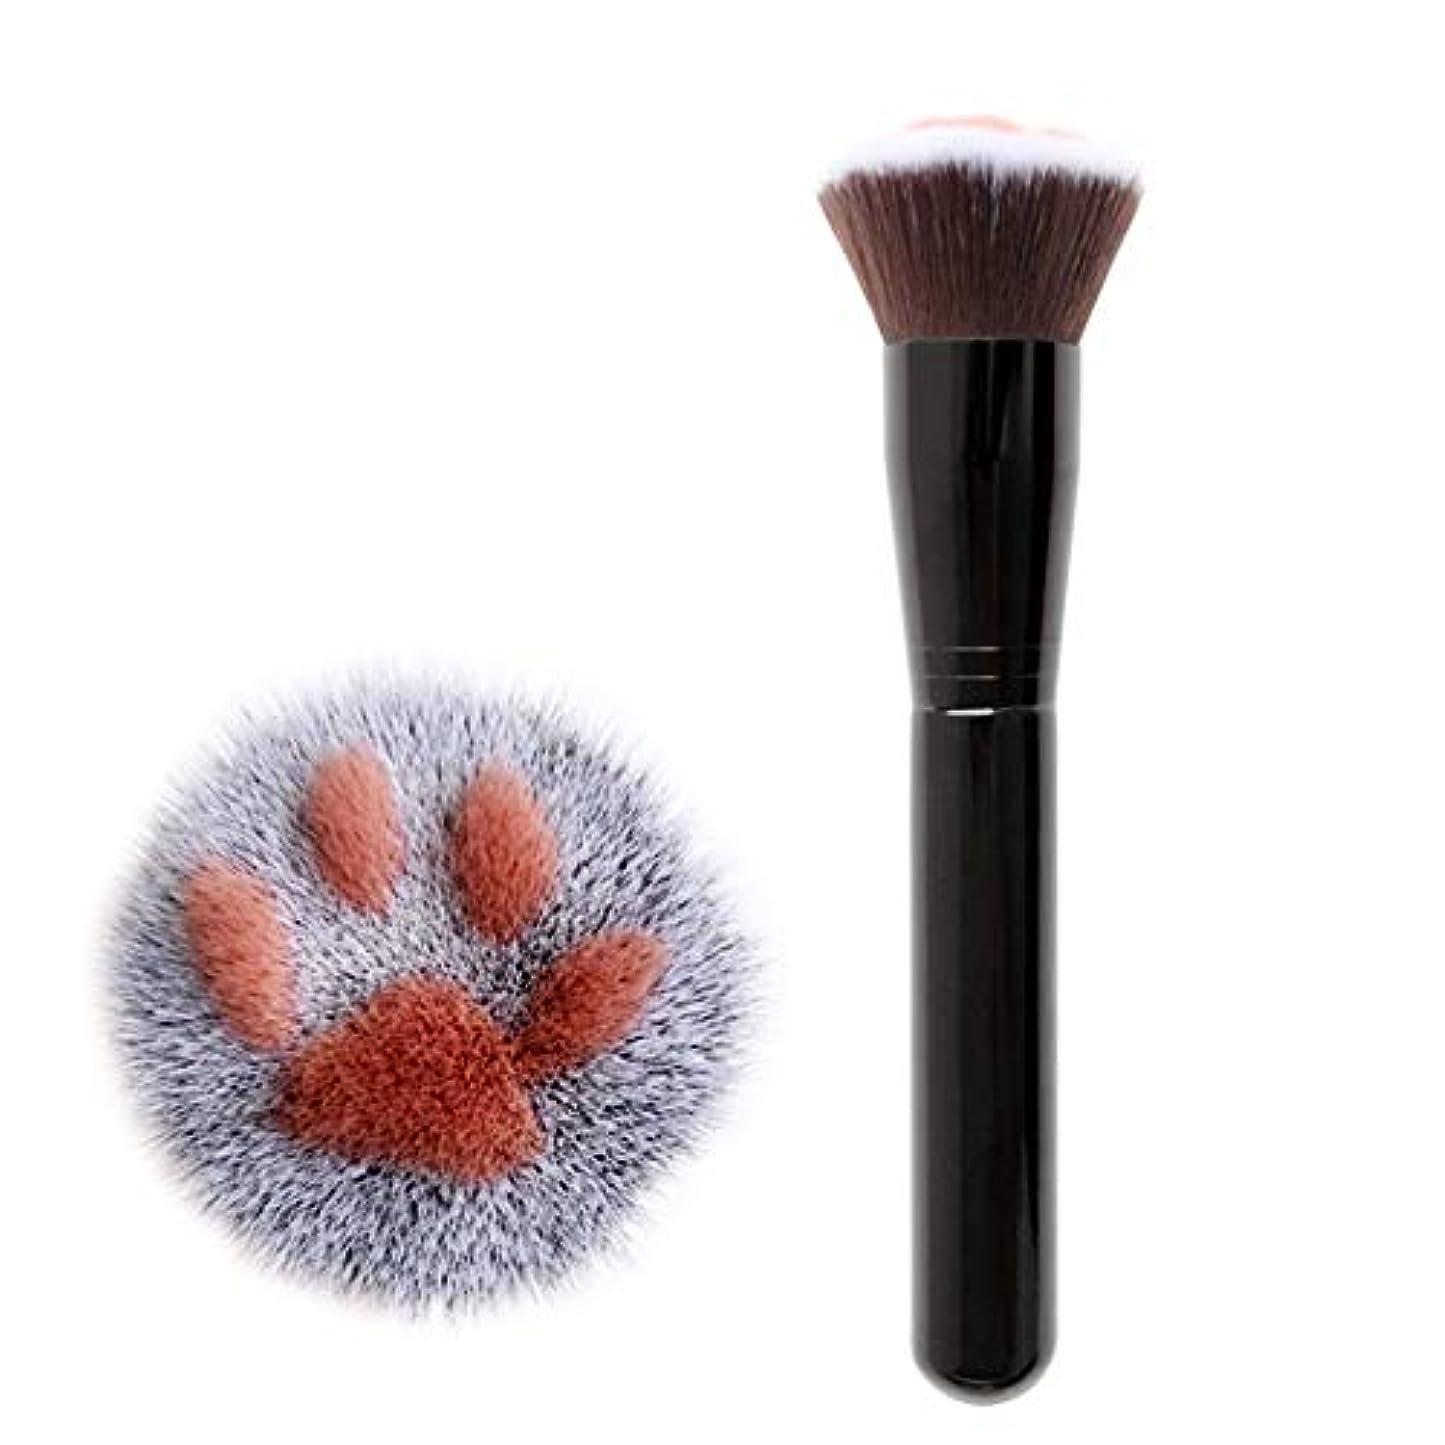 クールバッテリーカルシウムTerGOOSE メイクブラシ 化粧筆 専用メイクブラシ アイシャドウブラシ ブラシ 猫の爪 高級繊維毛 コスメ 高品質 目元 可愛い 快適な 安全性 オシャレ 人気 ギフト(ブラック)